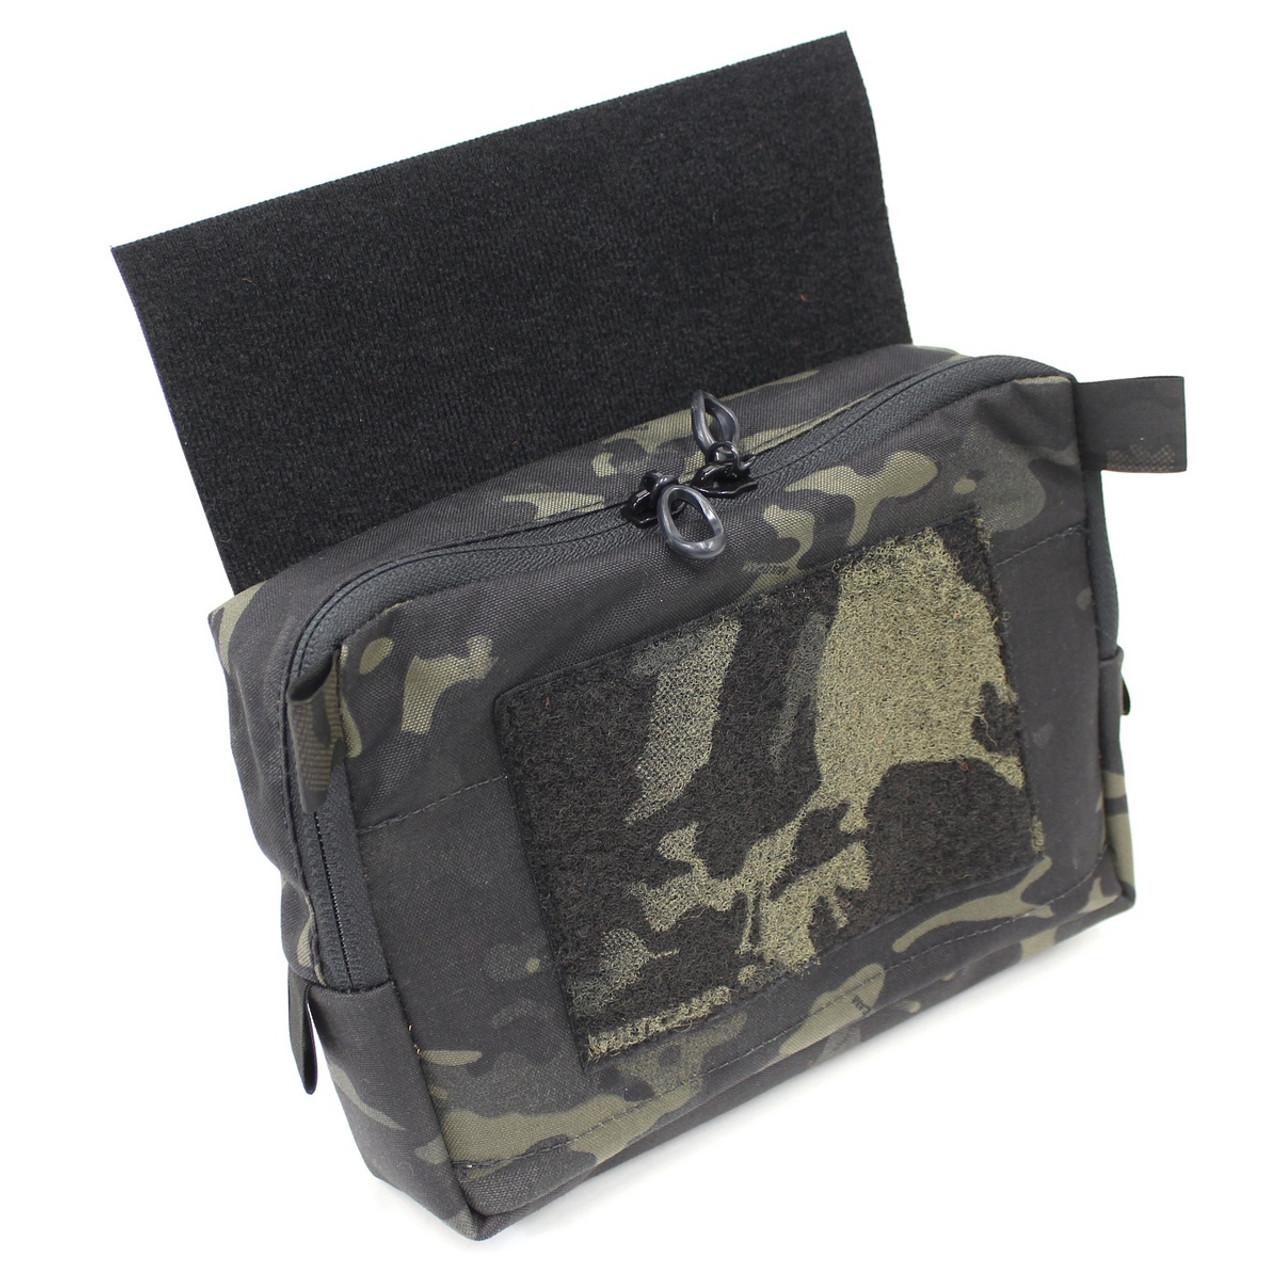 PIMPS Bags